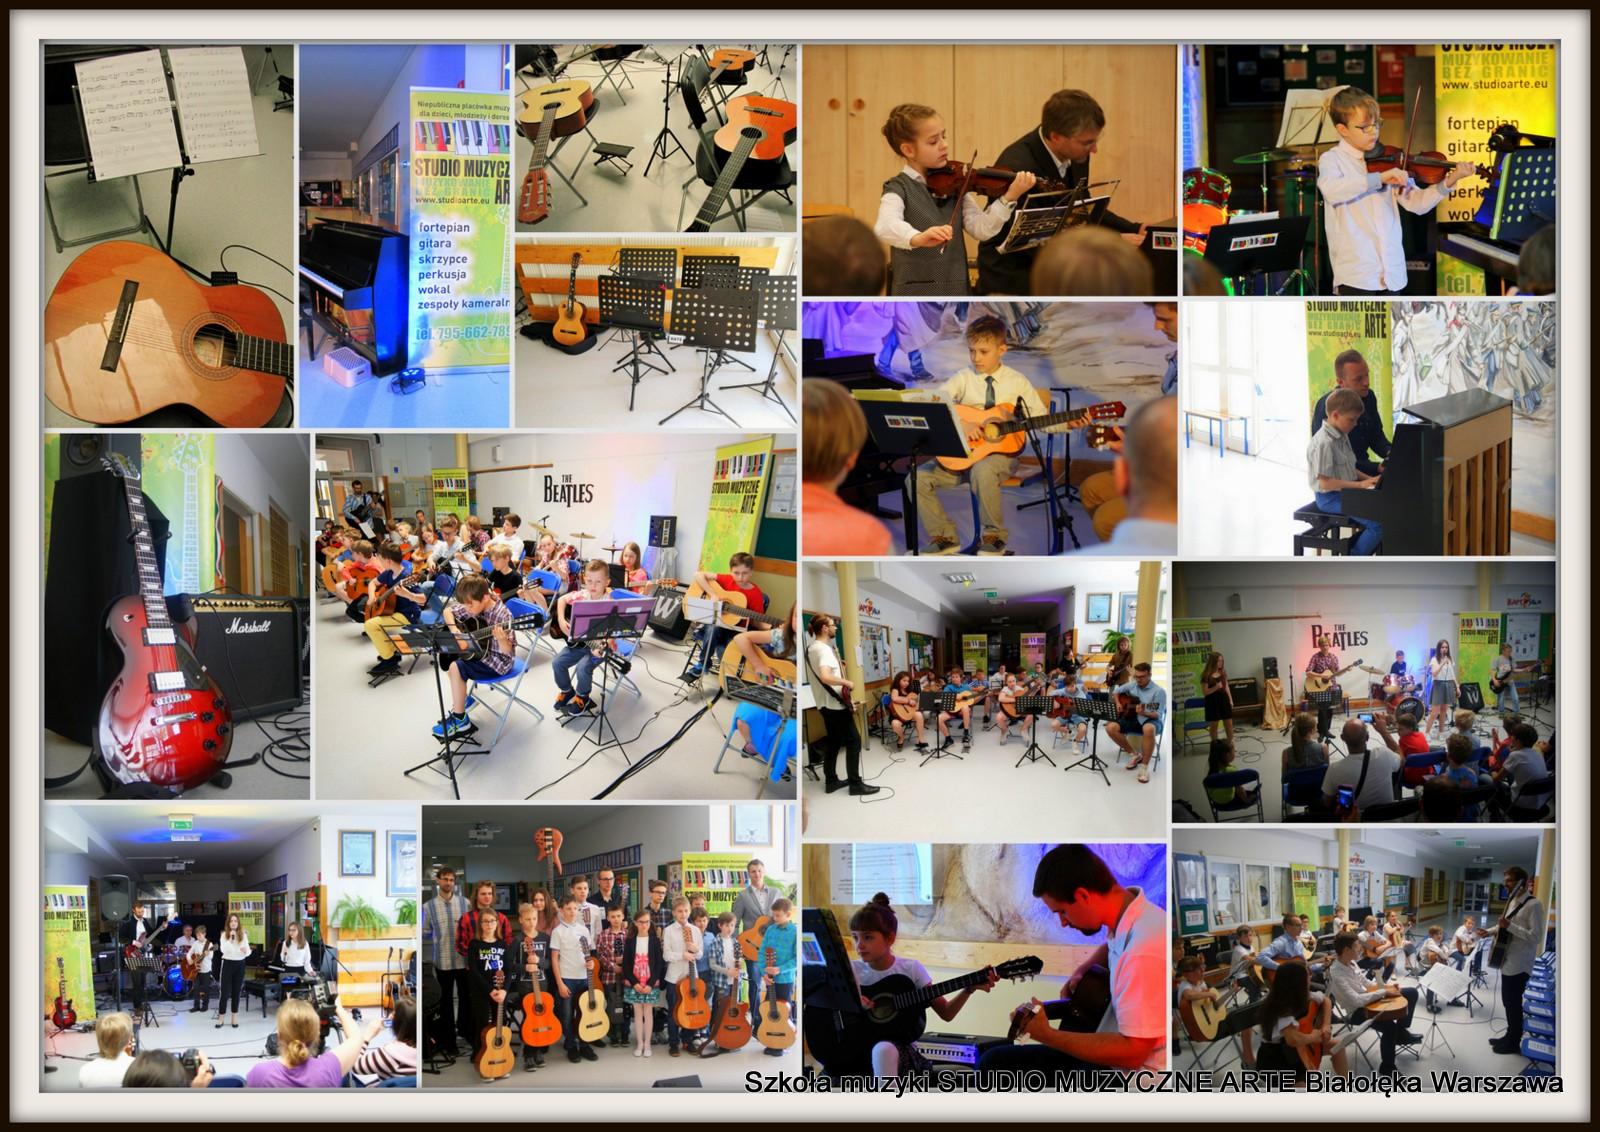 Szkoła muzyczna Białołęka lekcje pianina, lekcje gitary, lekcje skrzypiec, dla dzieci, młodzieży, dorosłych